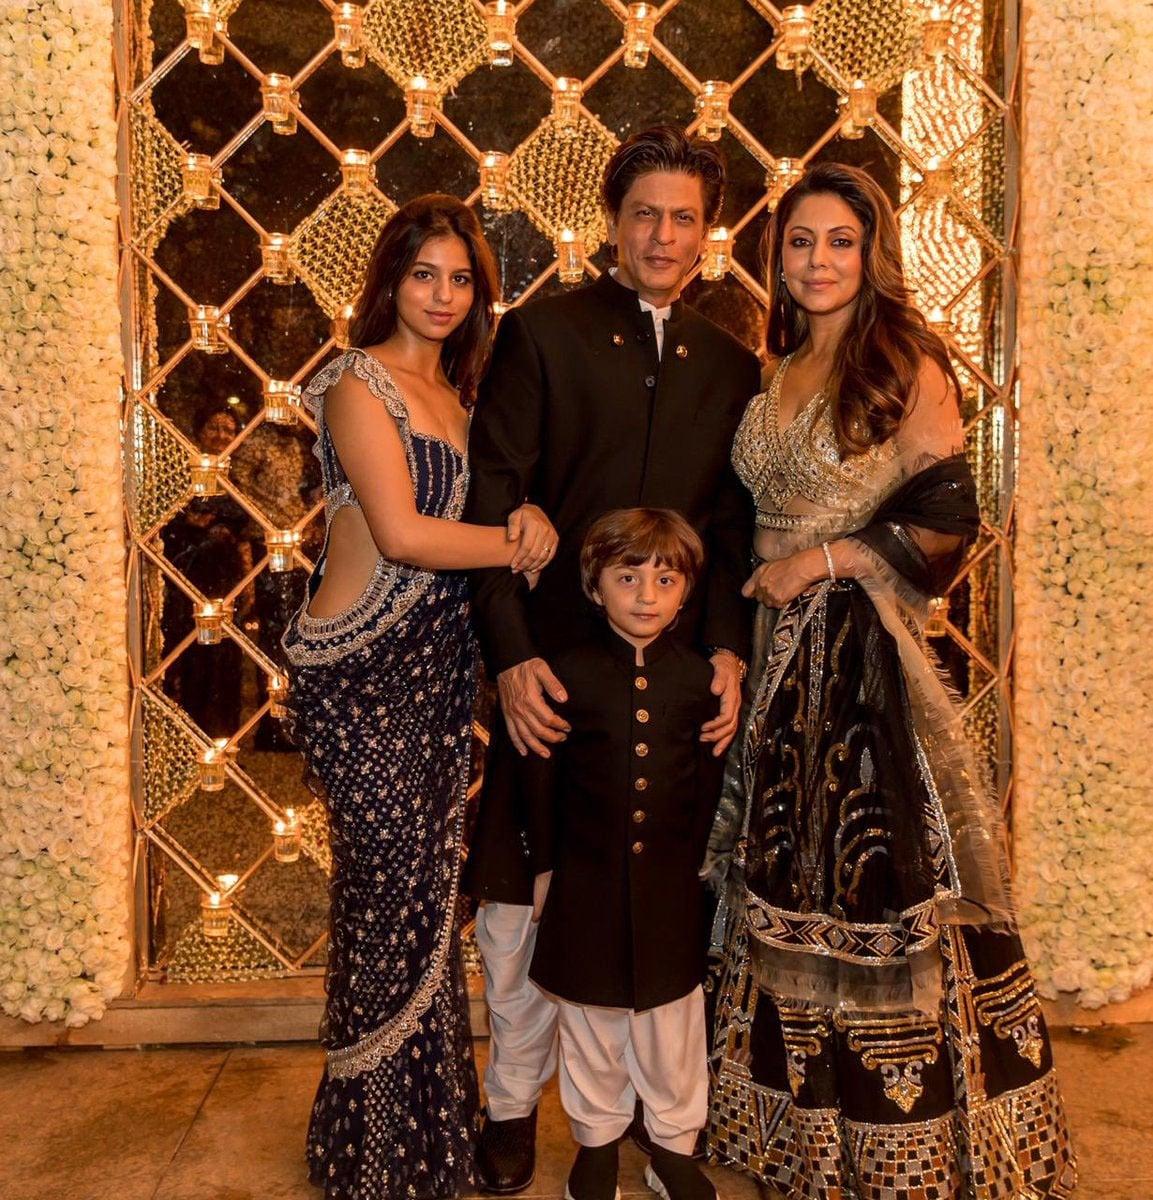 شاہ رخ خان اور گوری خان نے اپنے بچوں کے ہمراہ بھی تصویر لی —فوٹو/ انسٹاگرام